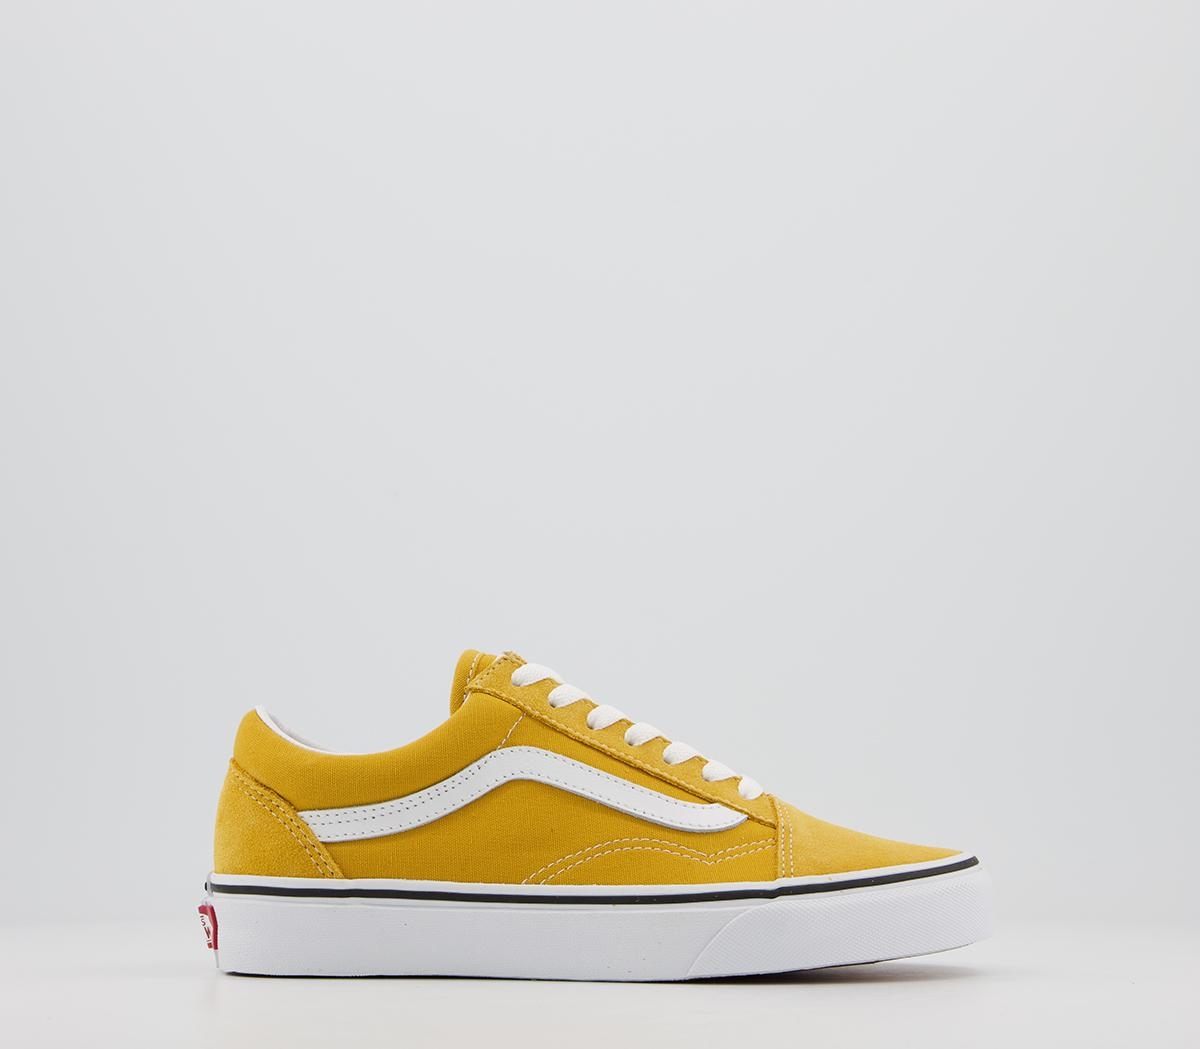 Vans Old Skool Trainers Yolk Yellow